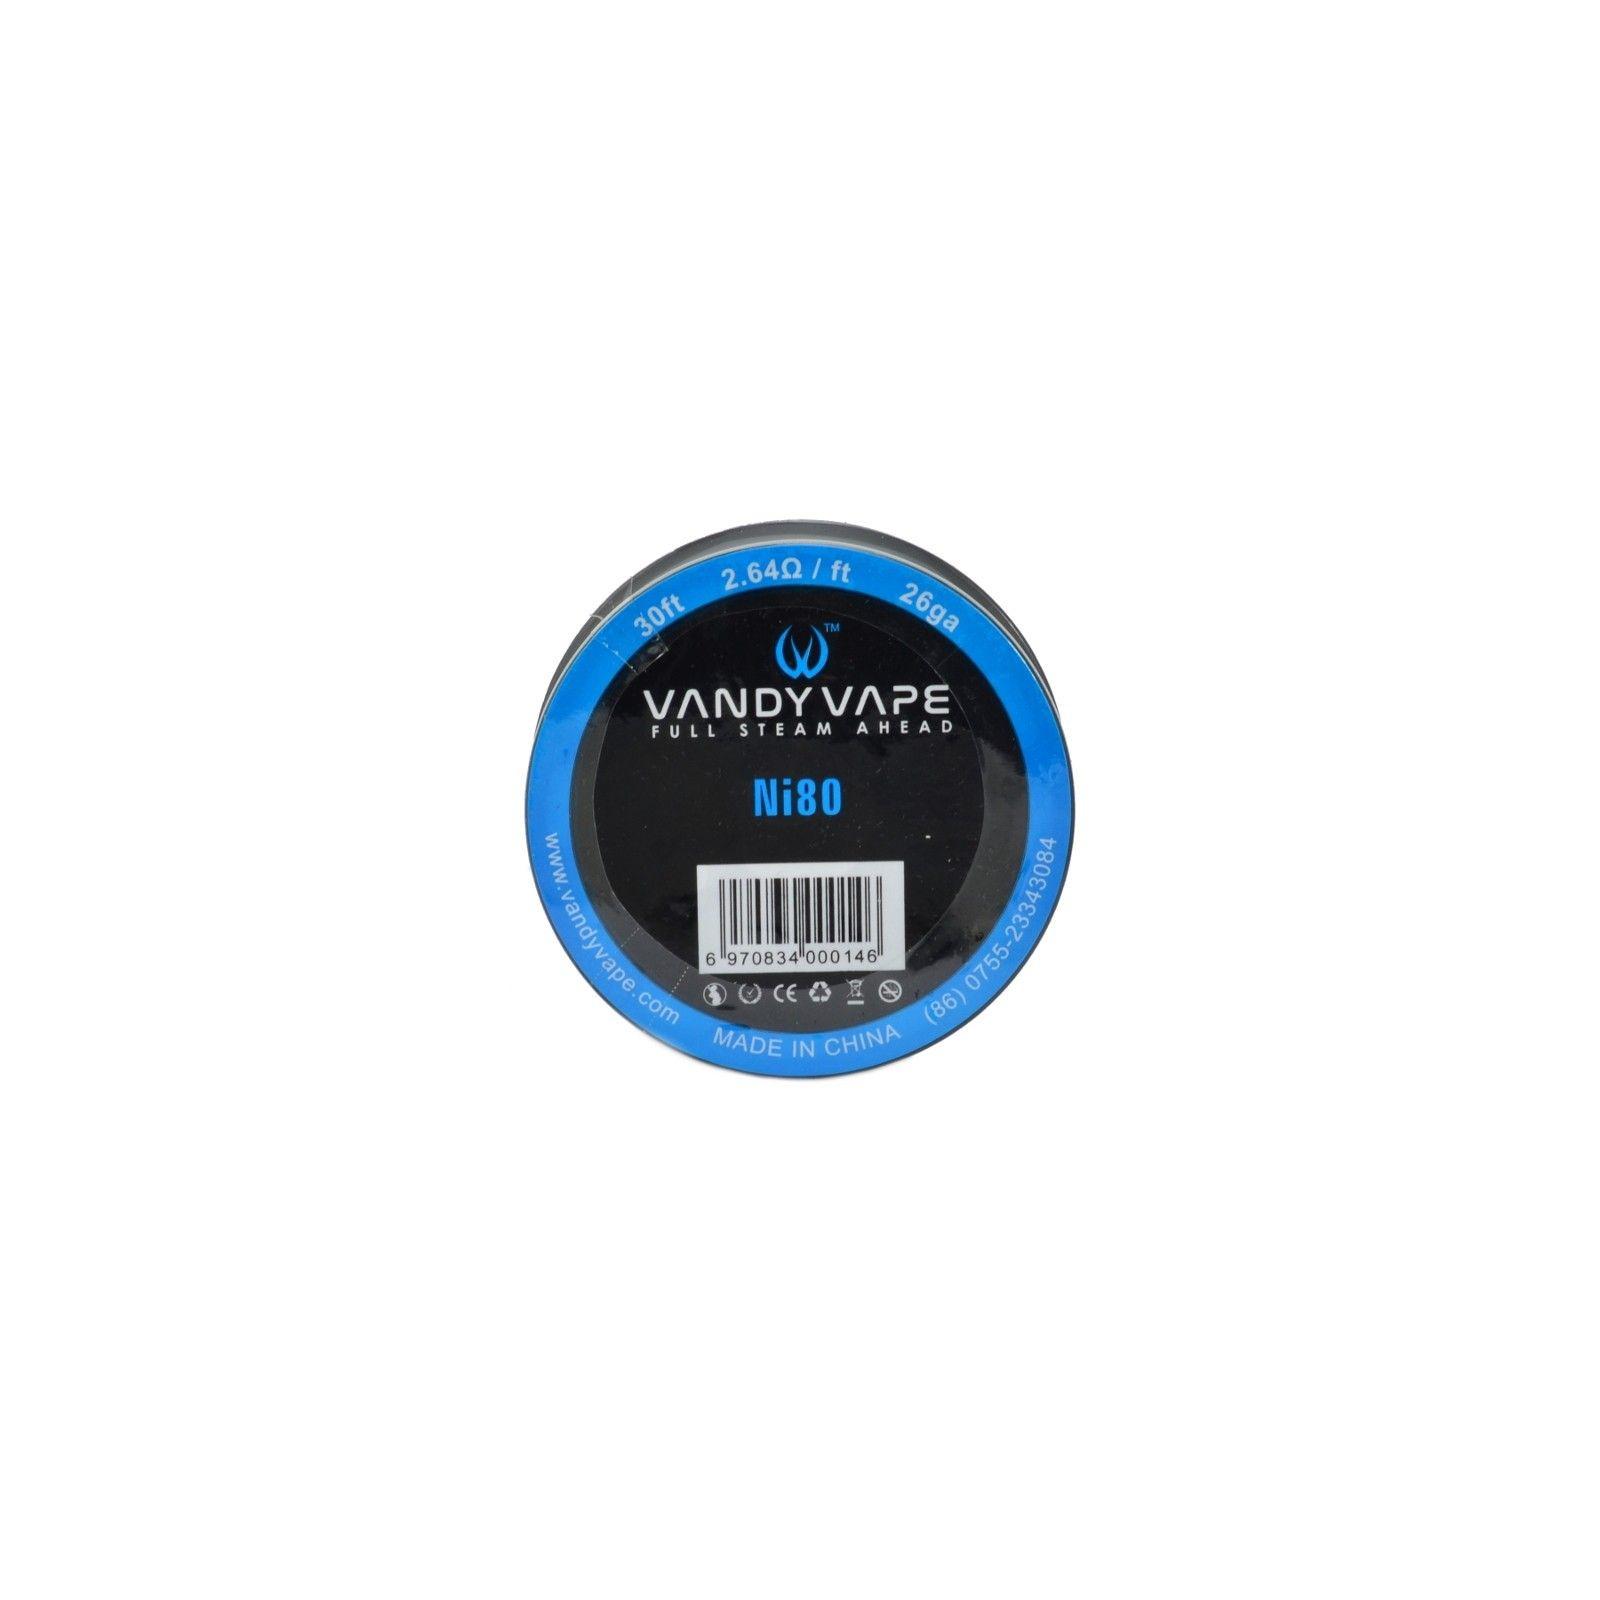 Ni80 - Vandy Vape